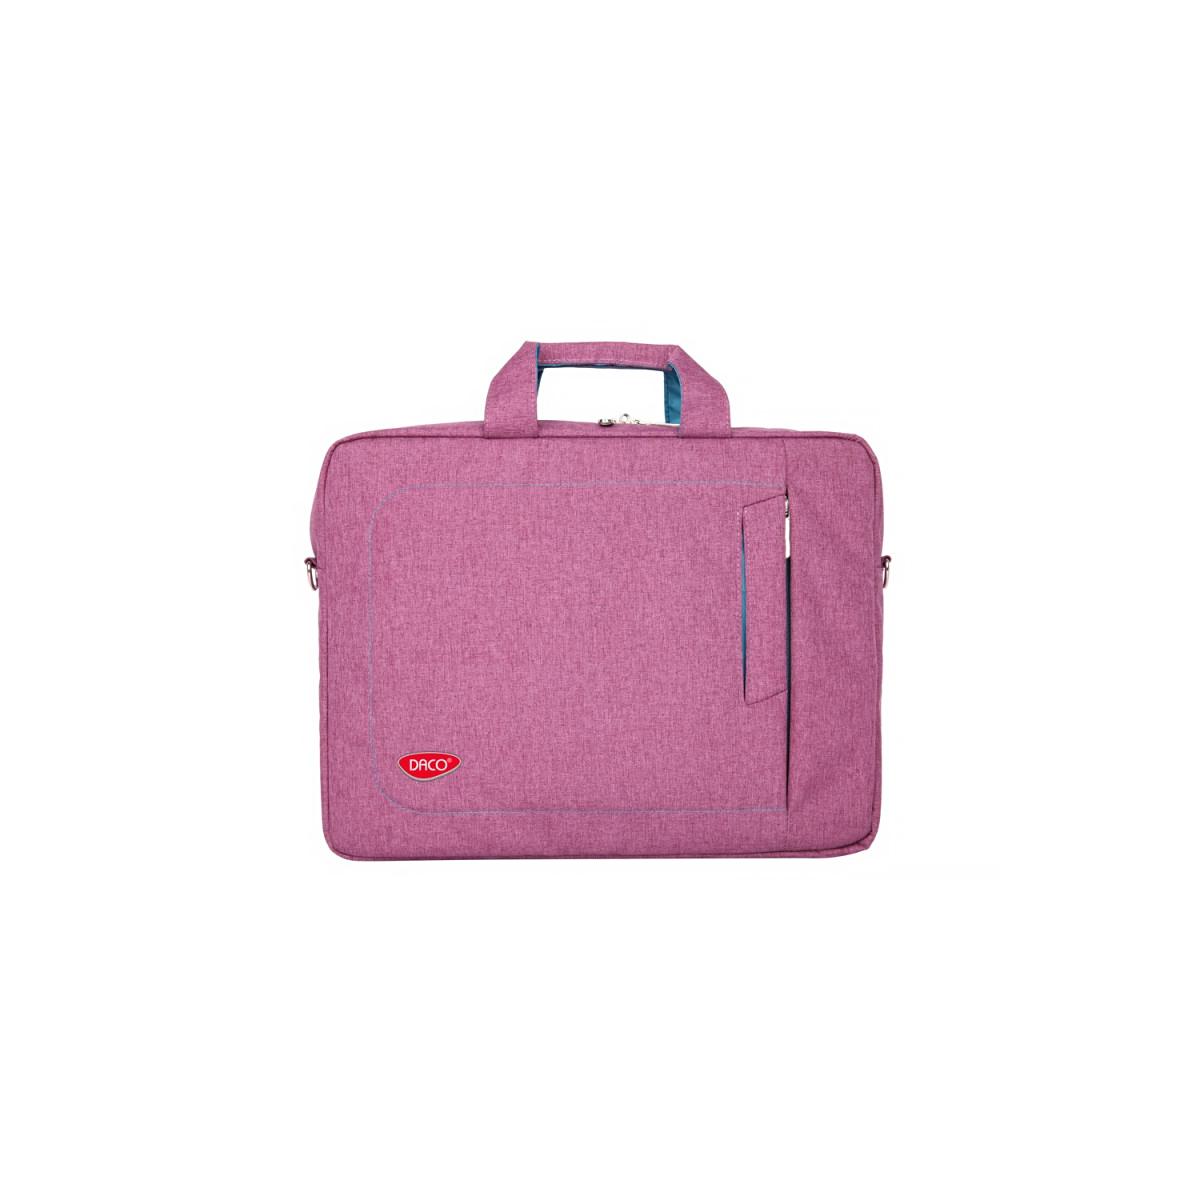 Geantă Pentru Laptop, 15.6 Inch, Roz, Daco, GL168